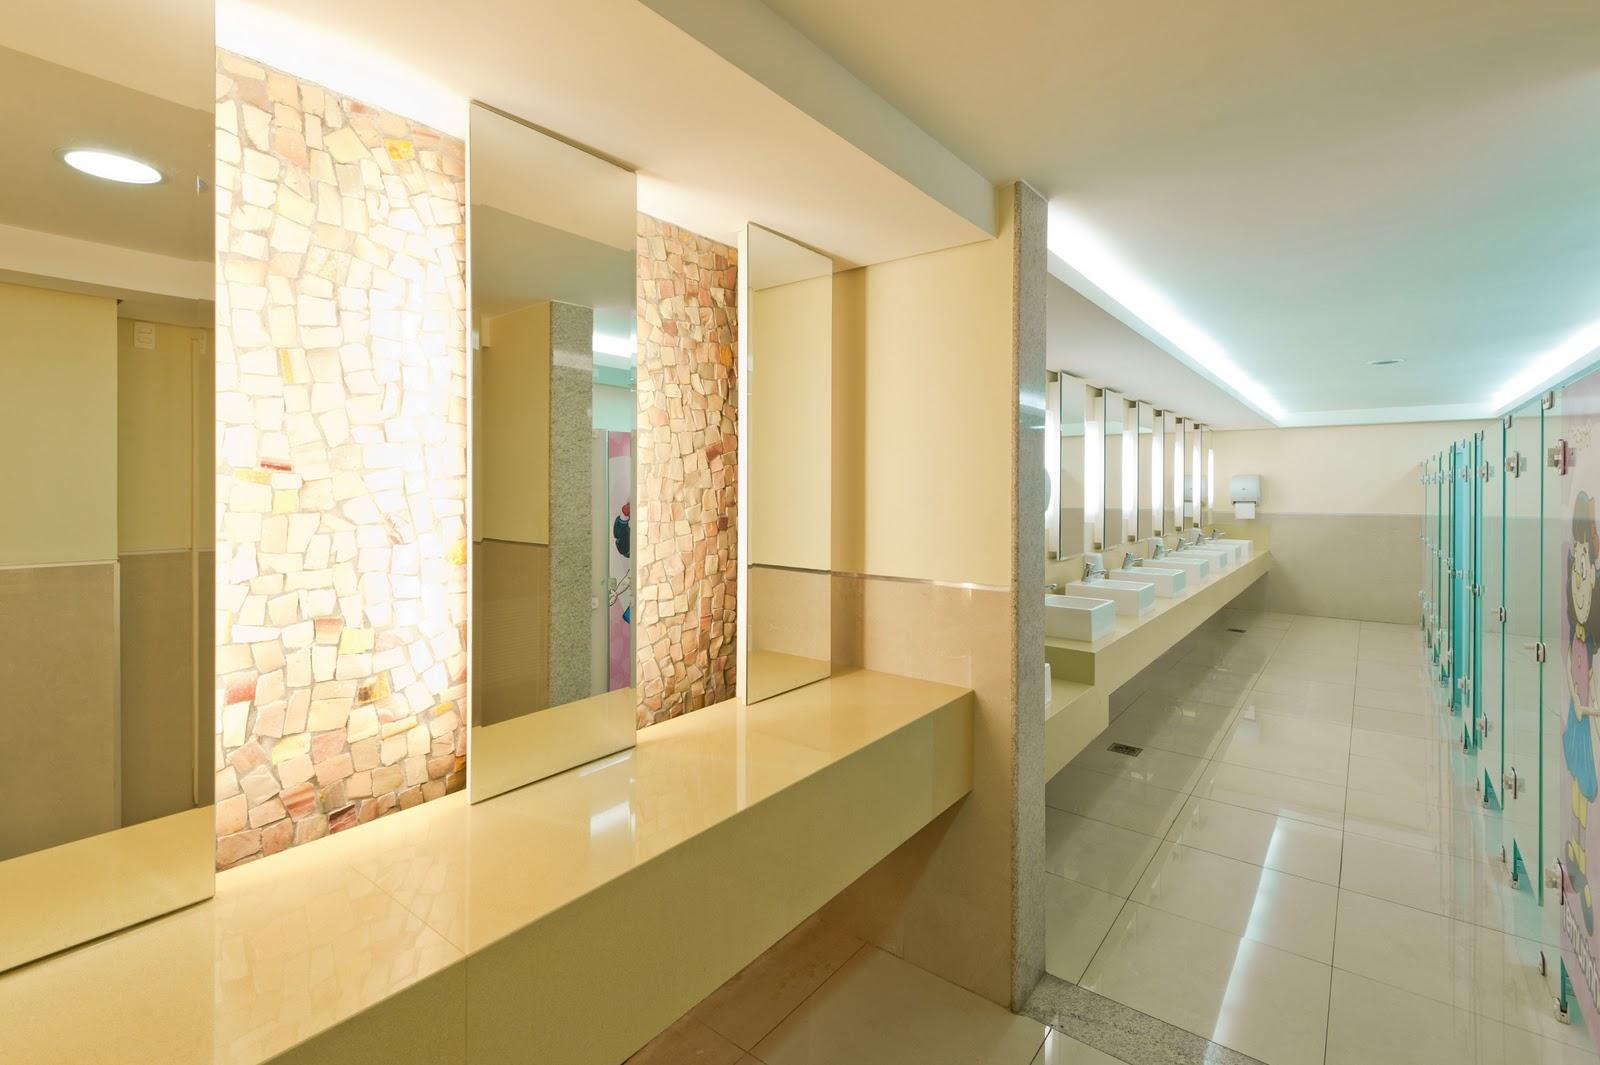 Arquiteto Daltônico: Novos banheiros do Taguatinga Shopping #6D4D1D 1600x1065 Banheiro De Arquiteto